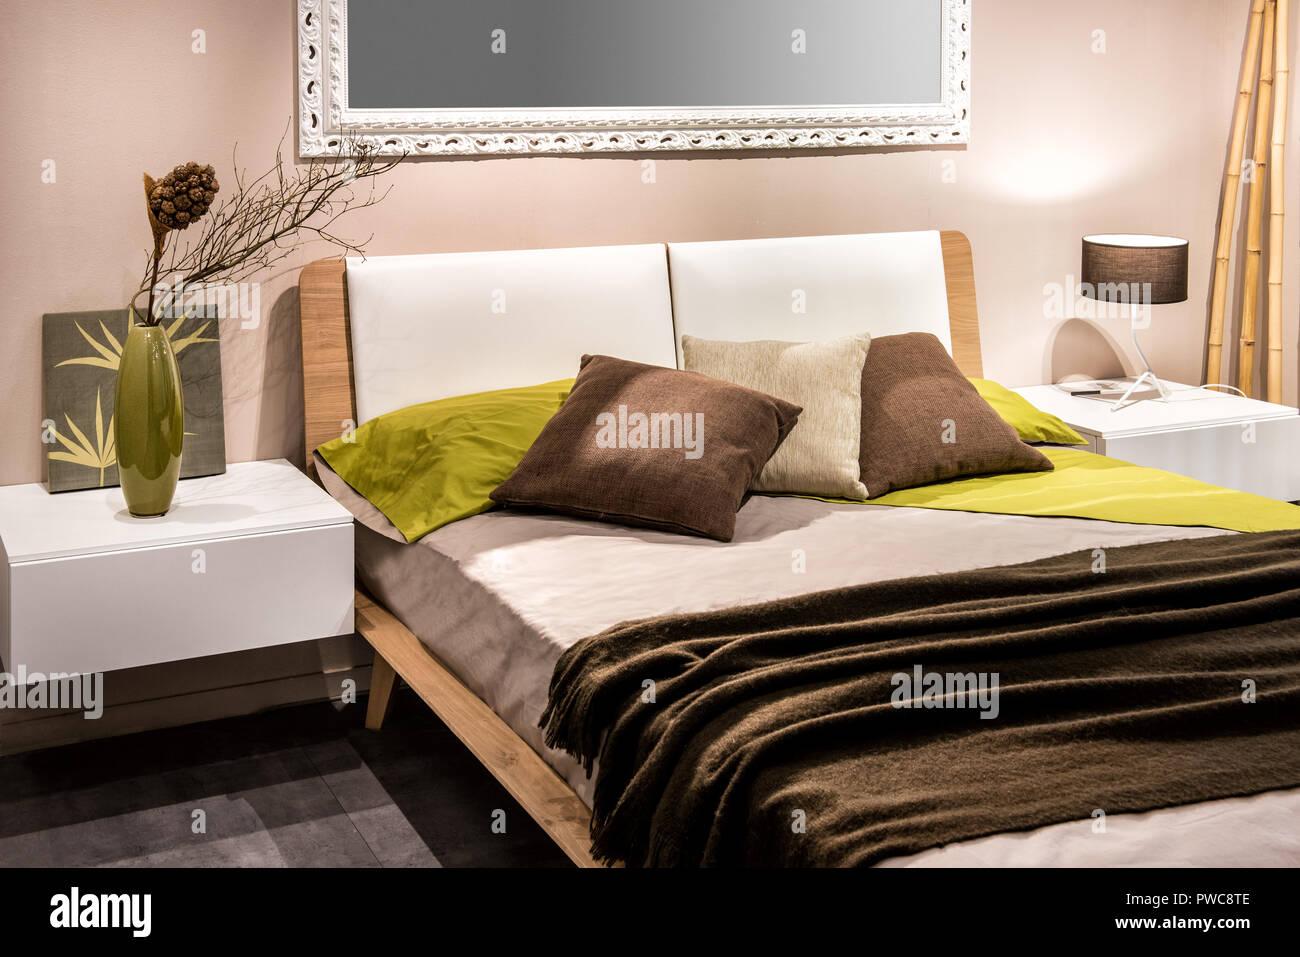 Schlafzimmer Innenraum Mit Vier Kopfkissen Auf Dem Bett Und Spiegel An Der Wand Stockfotografie Alamy